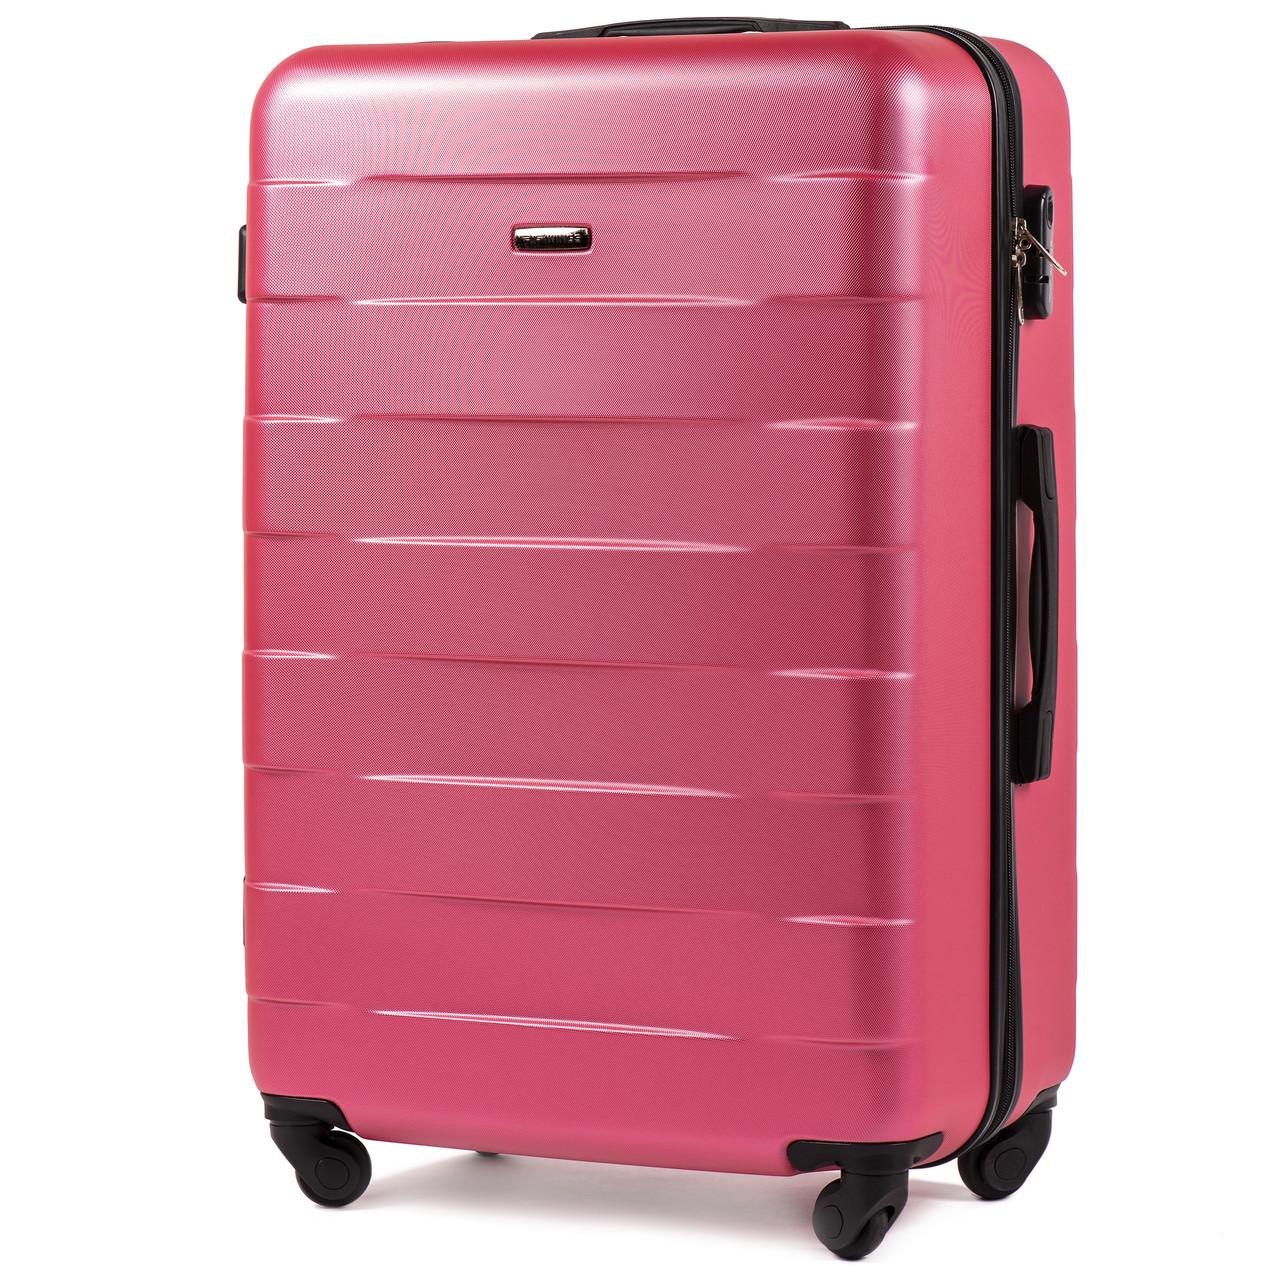 Большой пластиковый чемодан Wings 401 на 4 колесах розовый